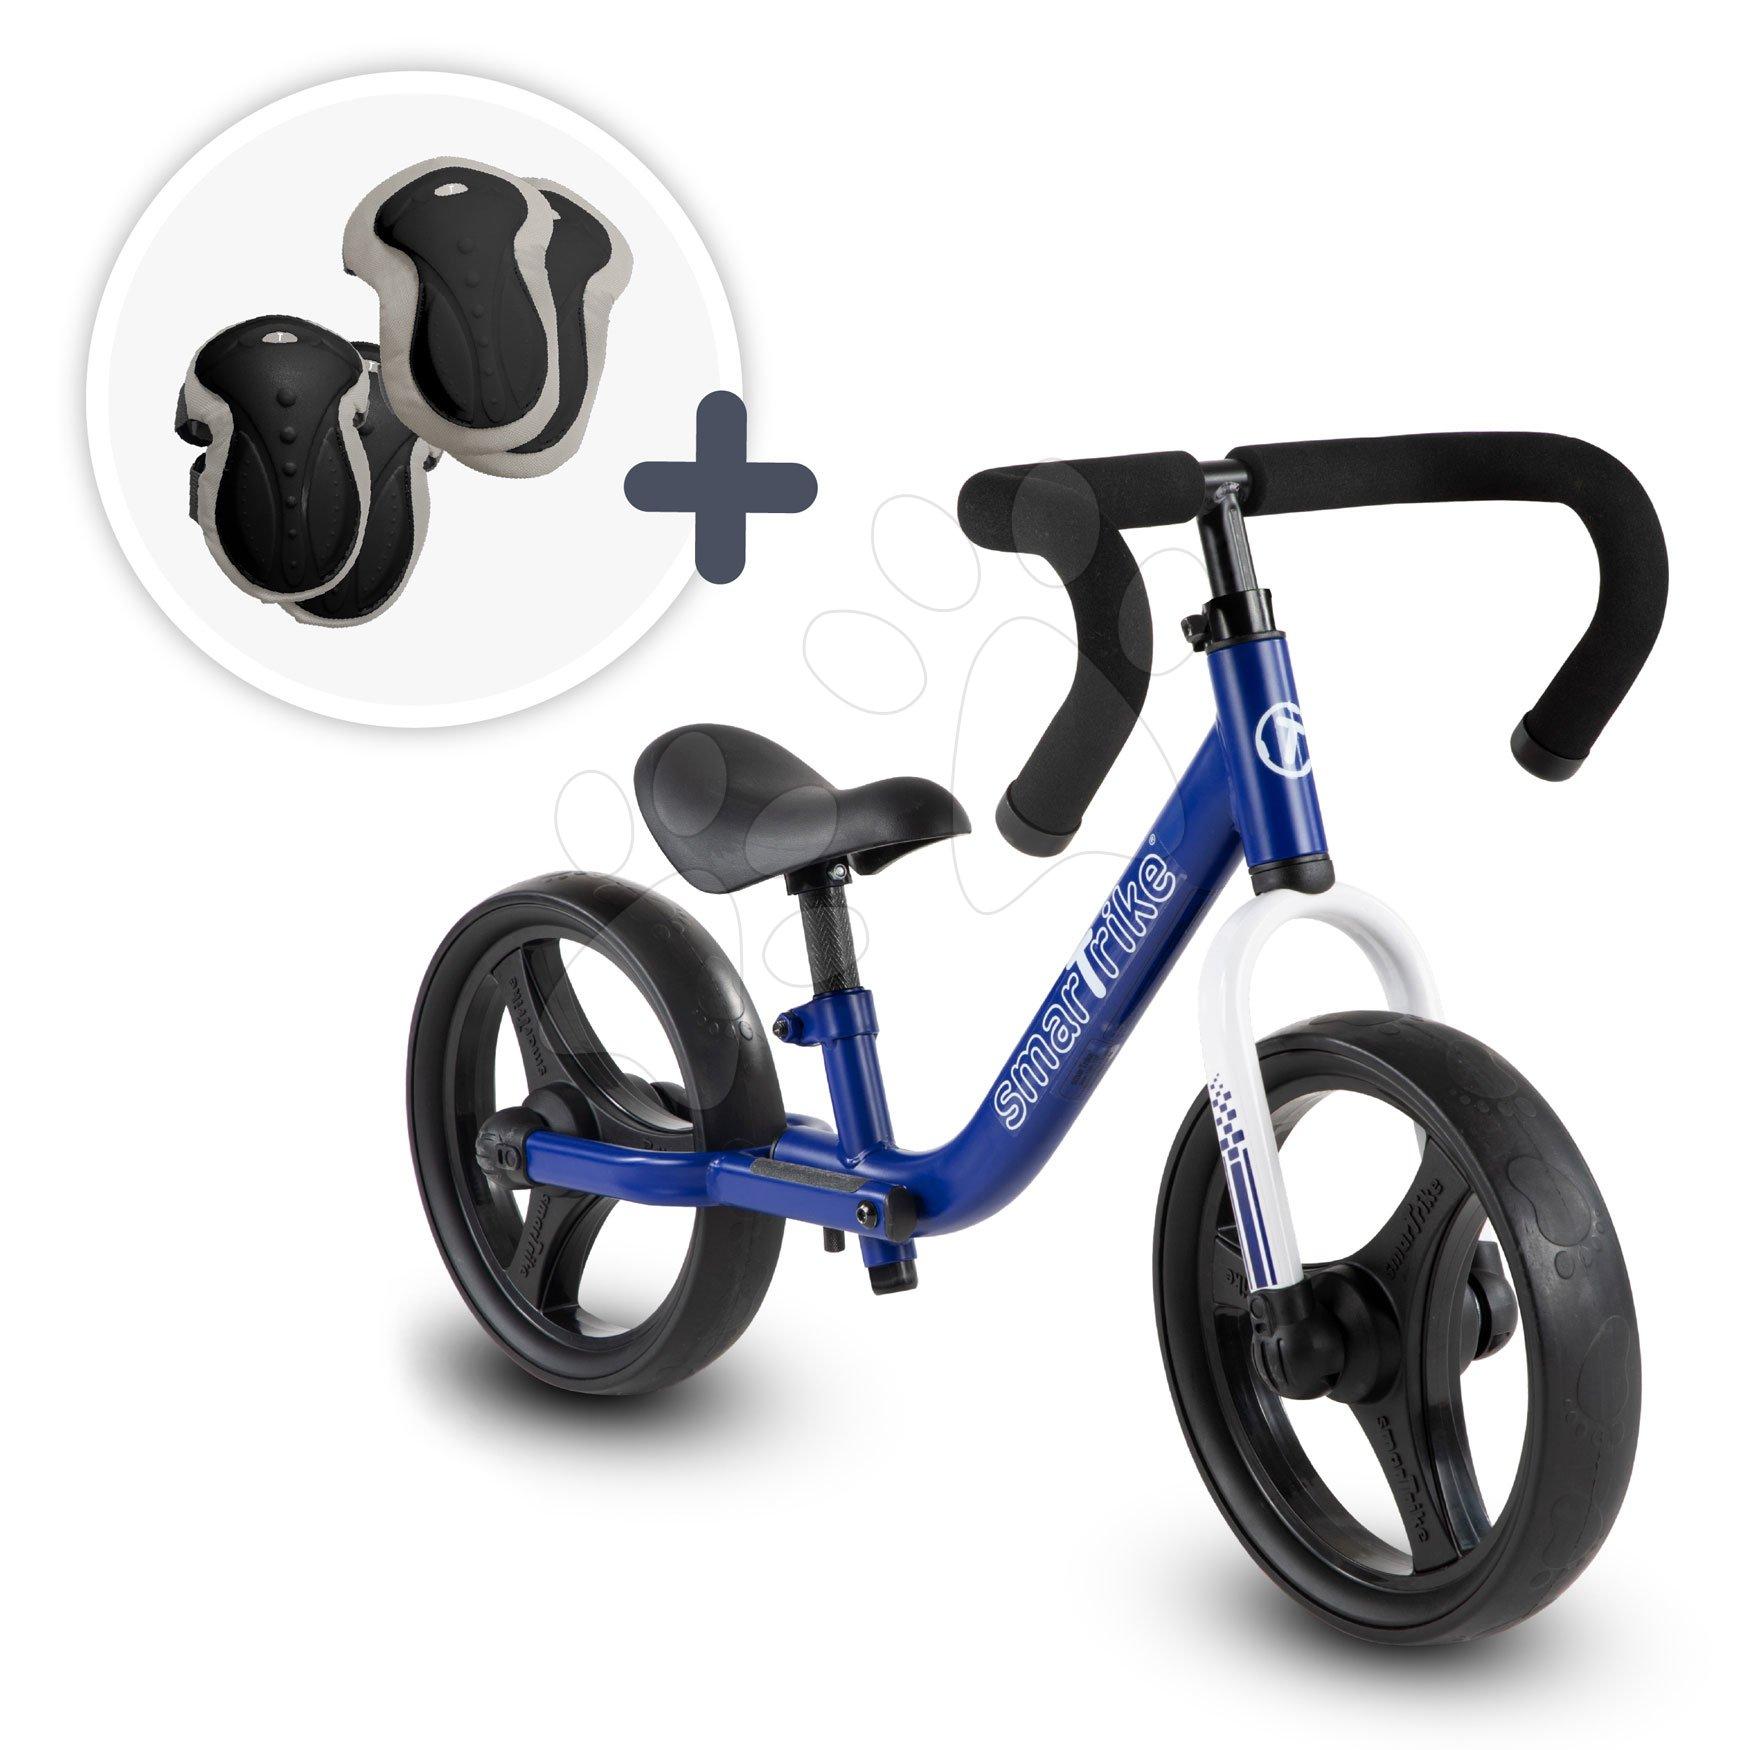 Balanční odrážedlo skládací Folding Balance Bike Blue smarTrike modré z hliníku s ergonomickými úchyty od 2–5 let a chrániče jako dárek